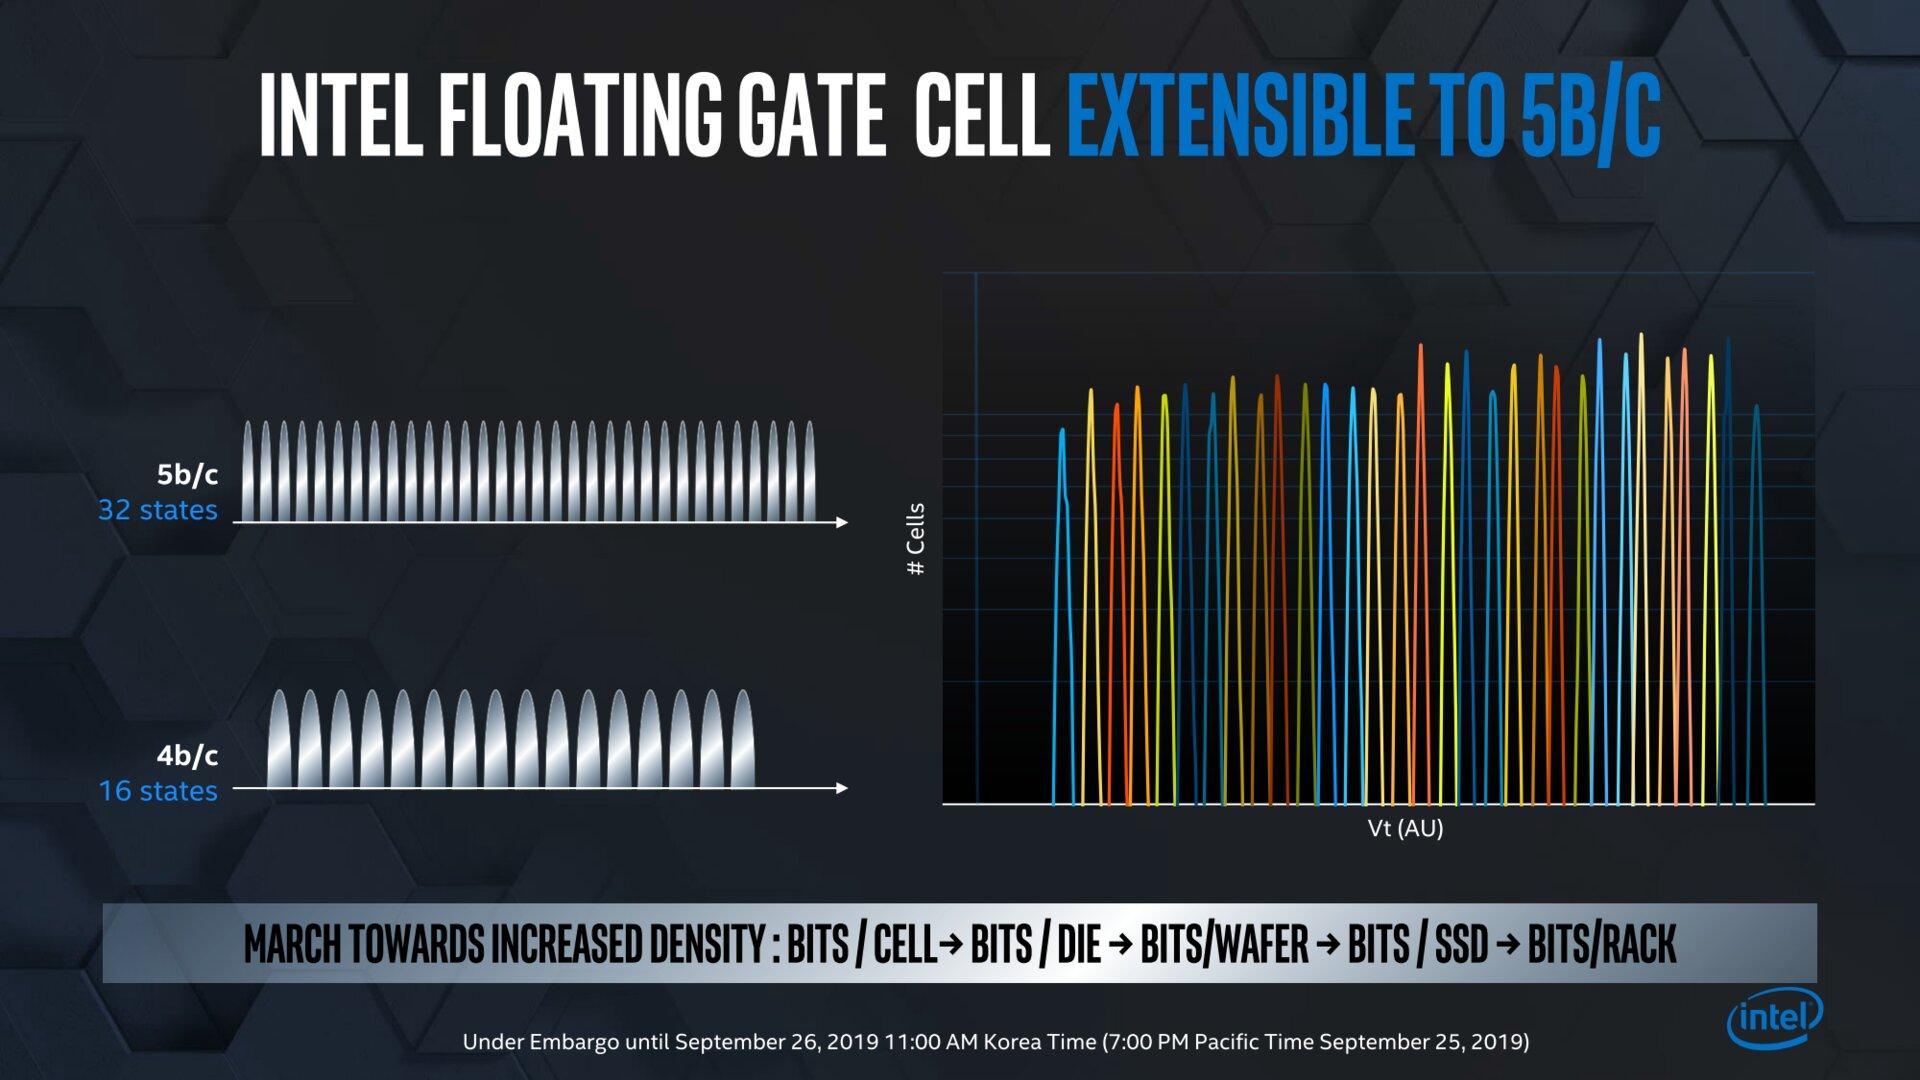 Floating Gate auch für 5 Bit (PLC) gerüstet